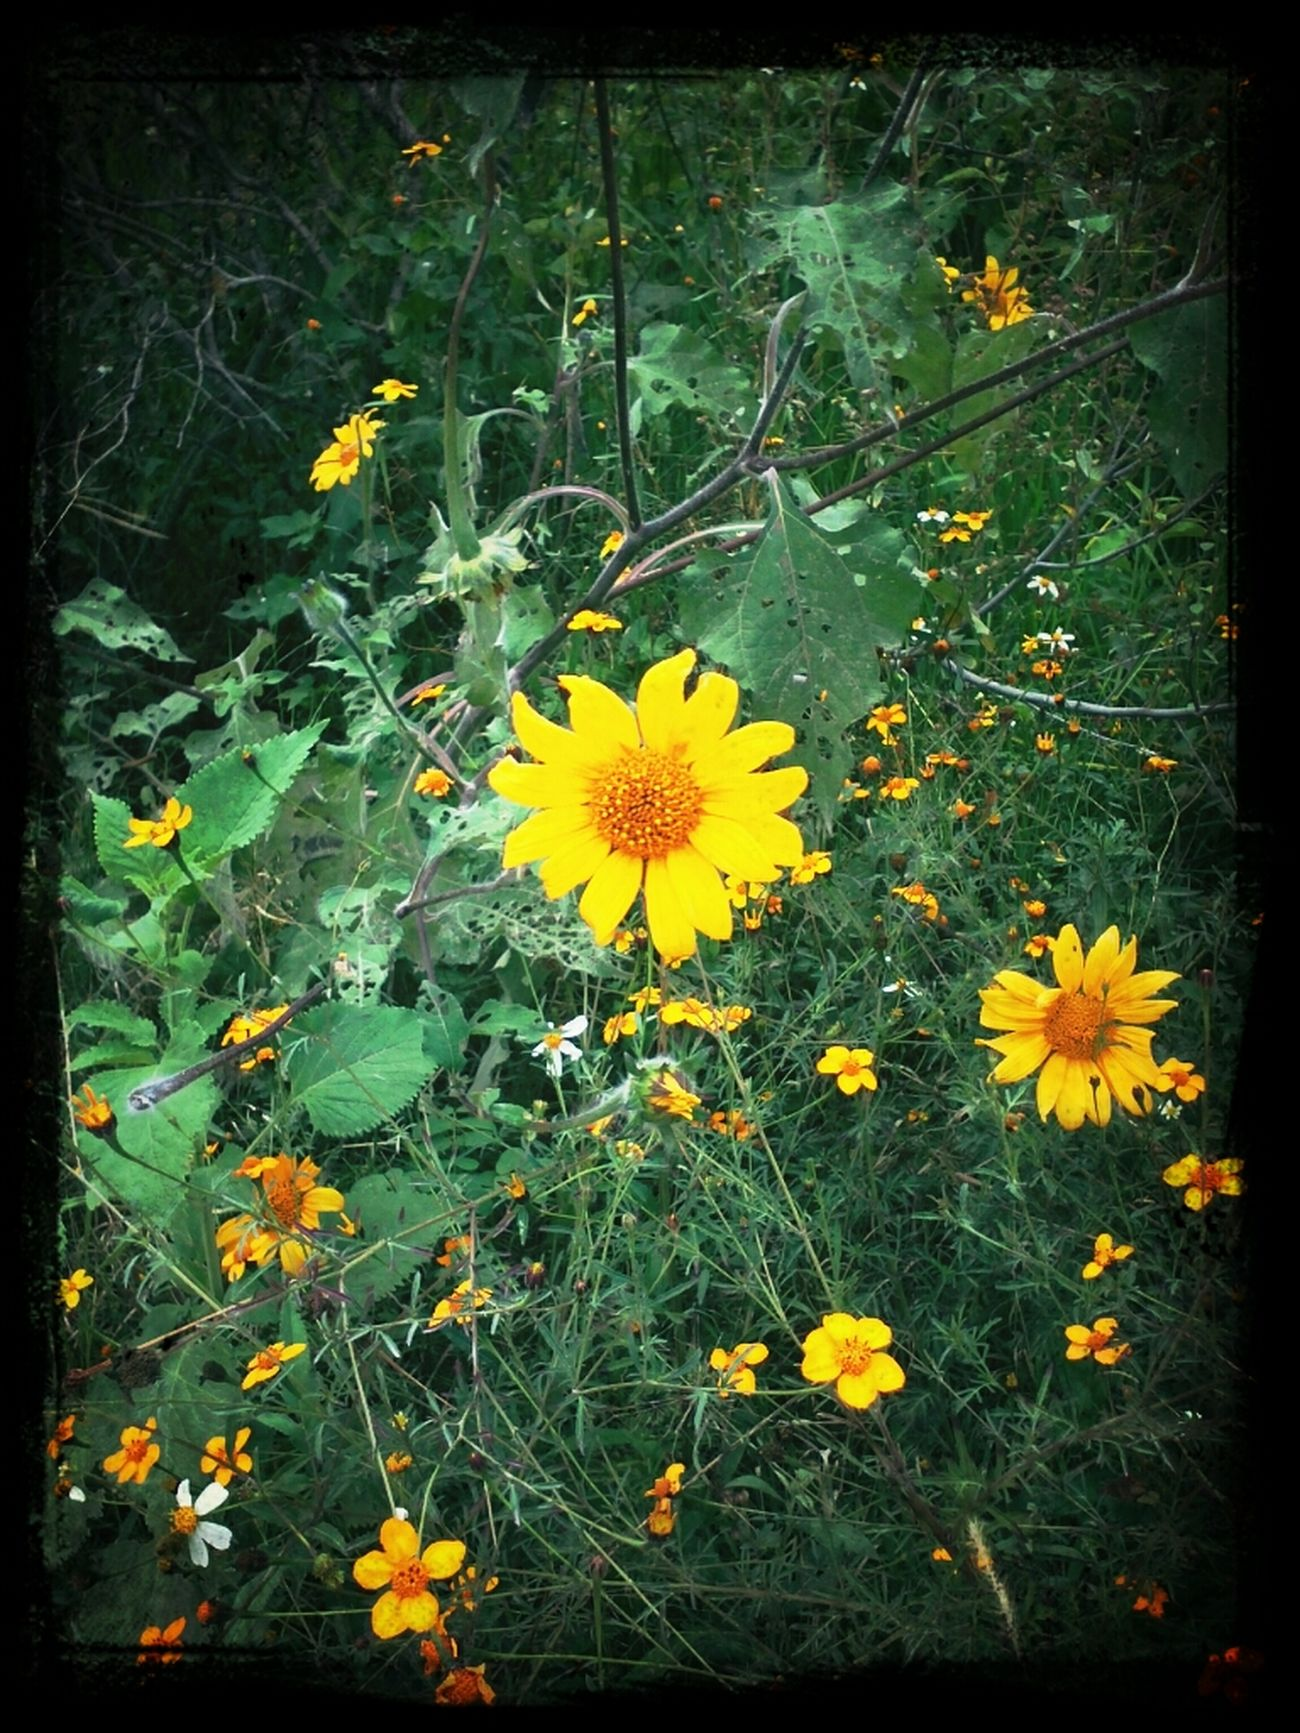 Flower Mexico De Mis Amores Mexico Y Su Naturaleza El Cielo Y La Tierrra.